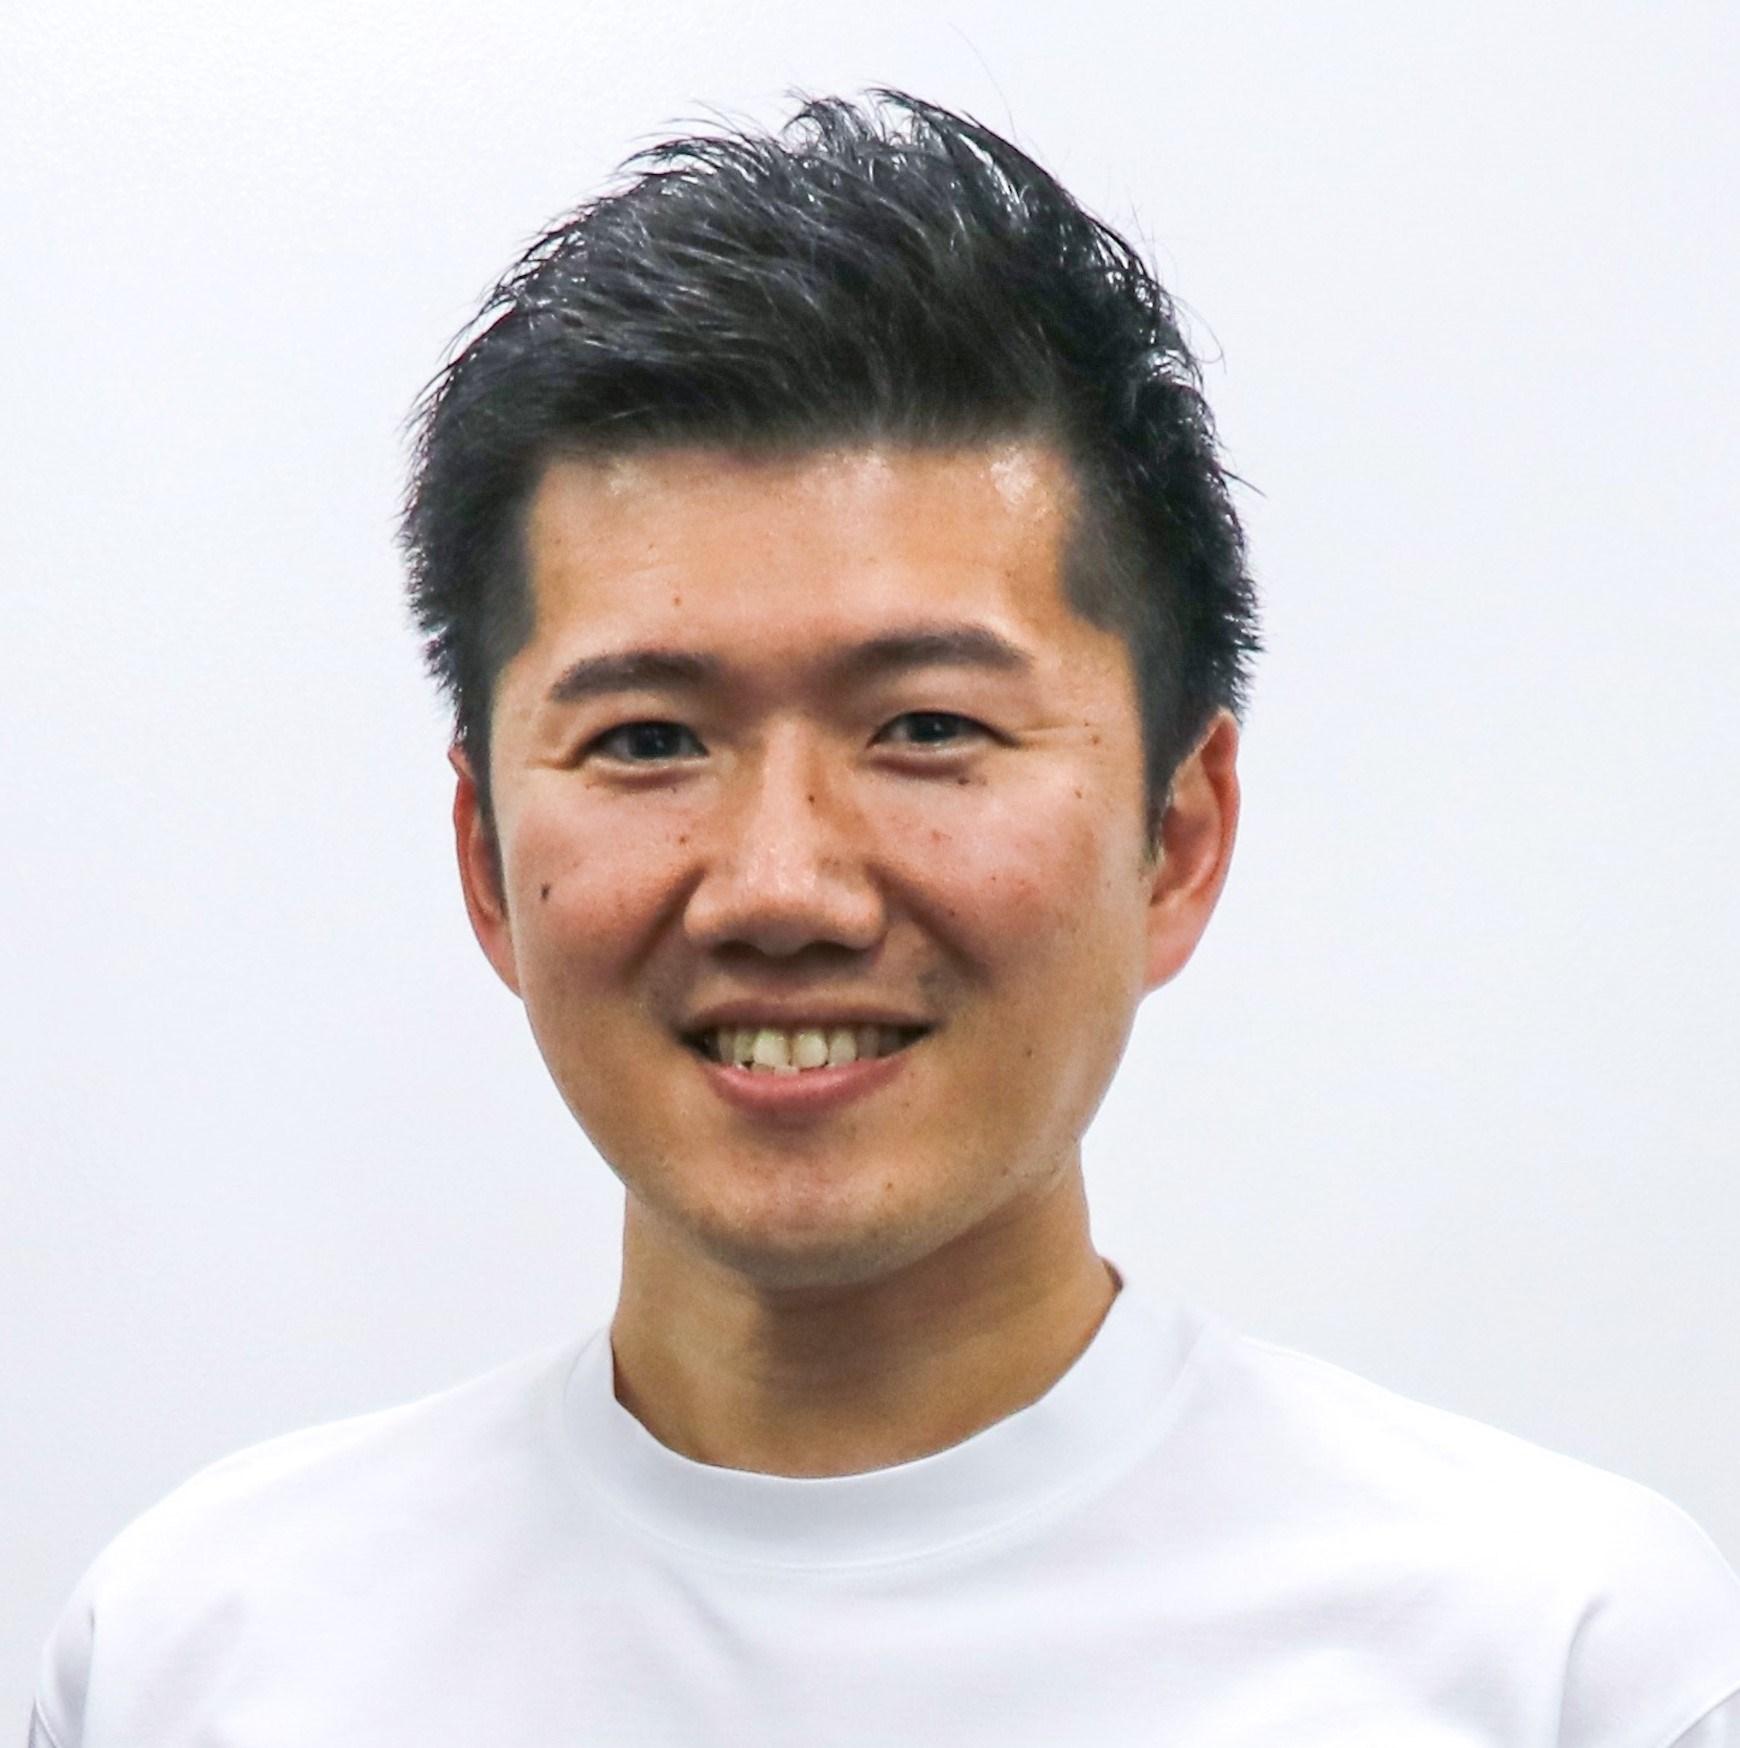 株式会社スピークバディ 代表取締役 CEO 立石 剛史 氏